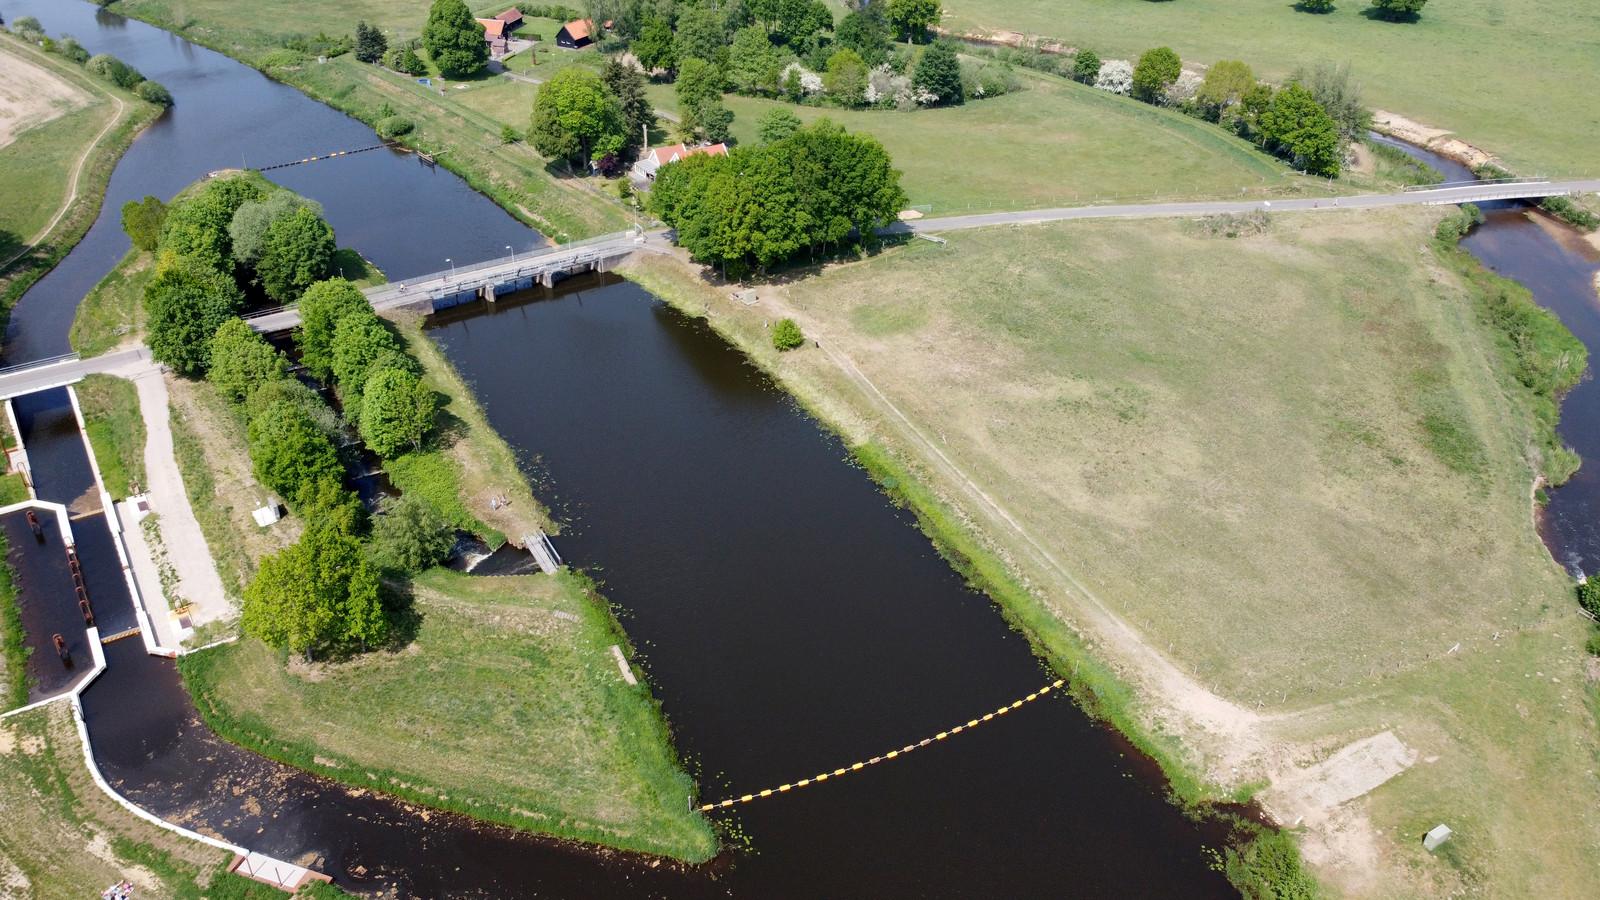 De huidige brug over de stuw bij Junne is afgesloten voor zwaar verkeer. Een nieuwe oeververbinding moet weer beperkte doorgang voor agrariërs en loonwerkers uit de buurt mogelijk maken.